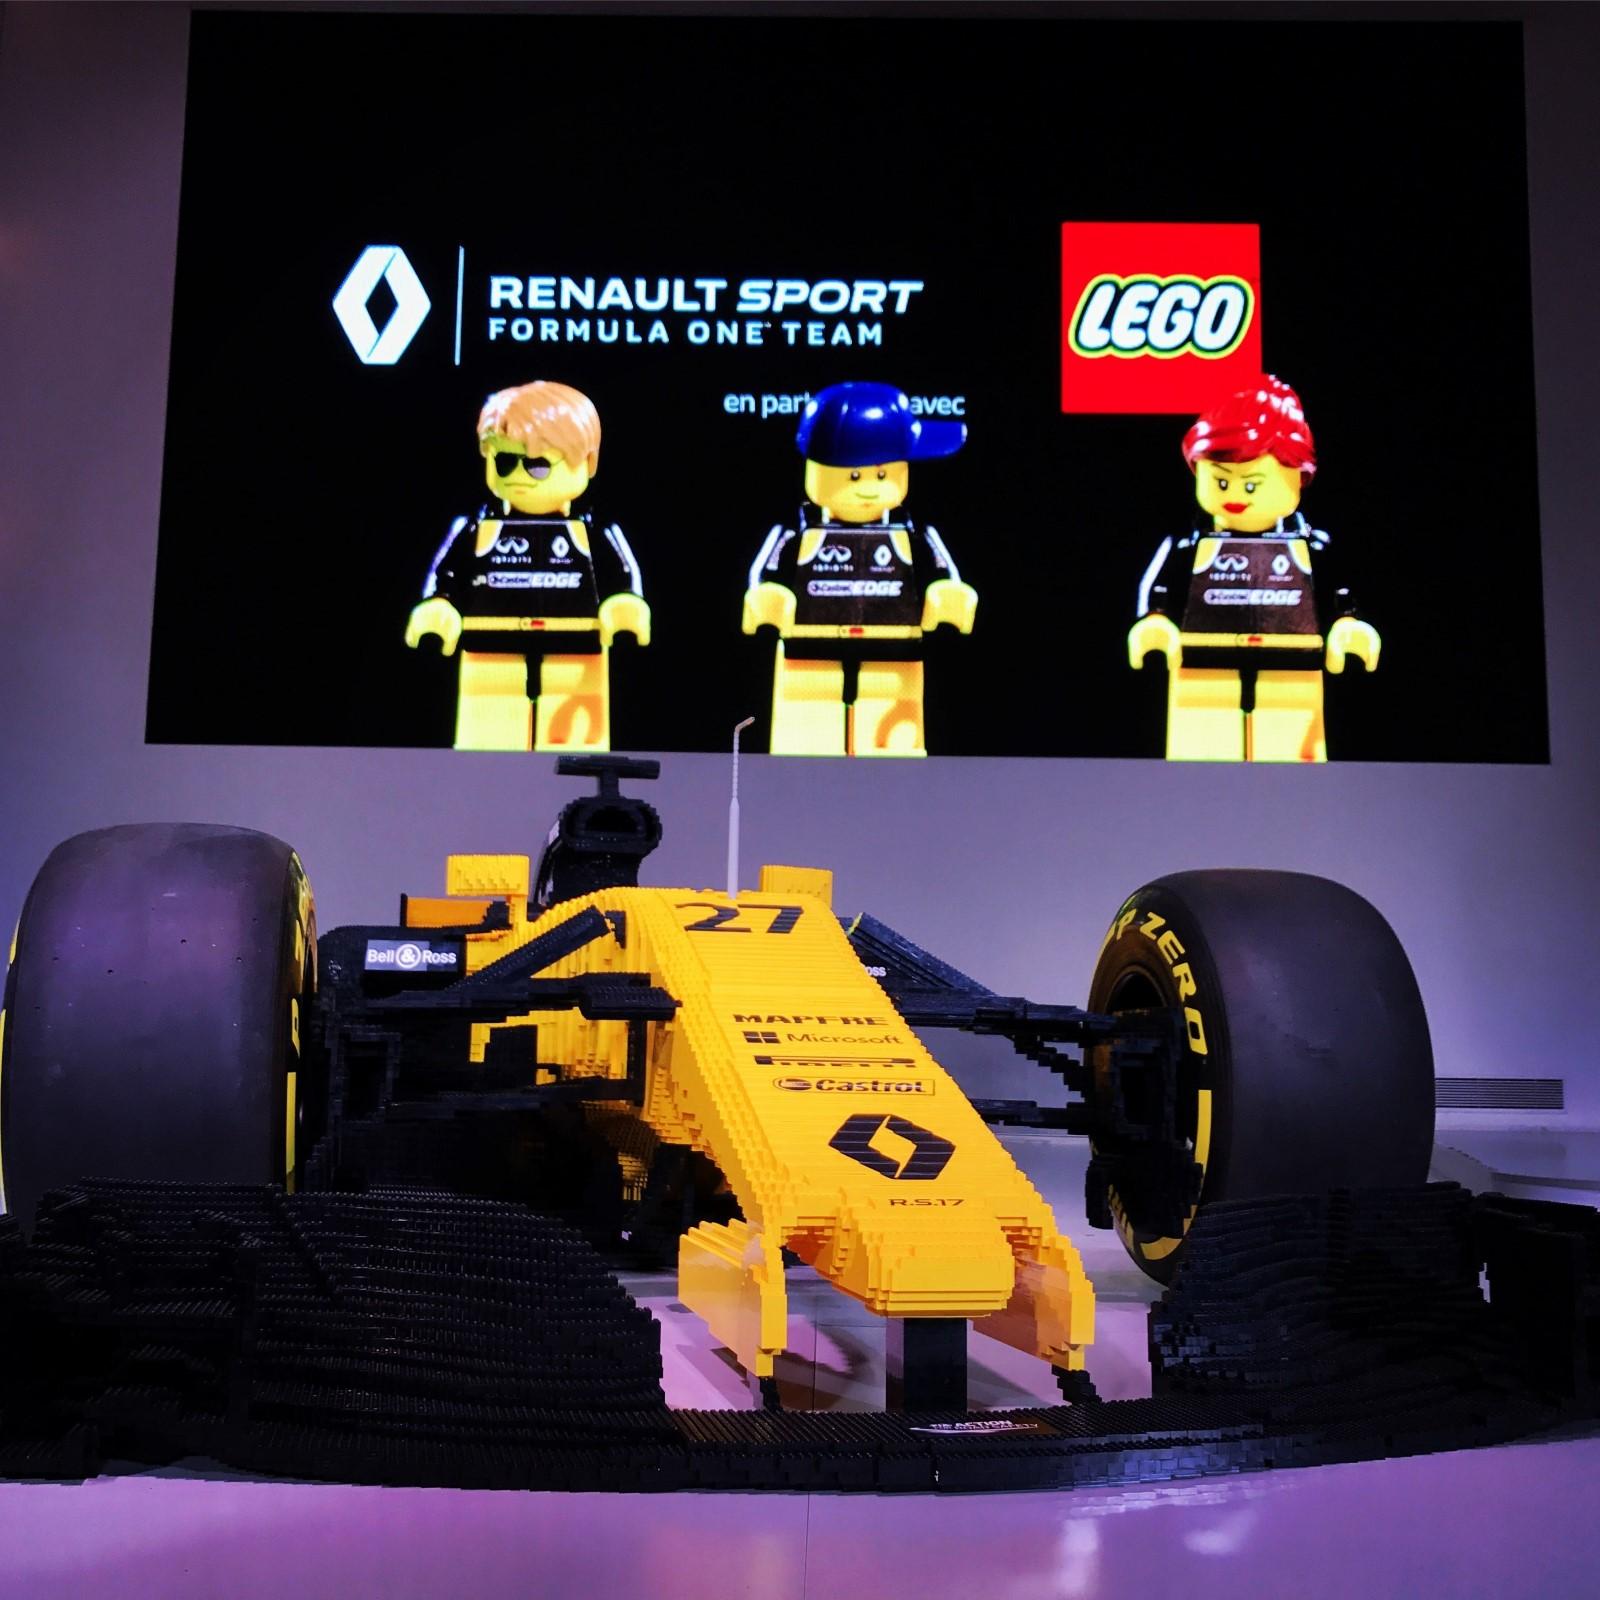 2017 - Monoplace R.S.17 à échelle 1 construite en briques LEGO